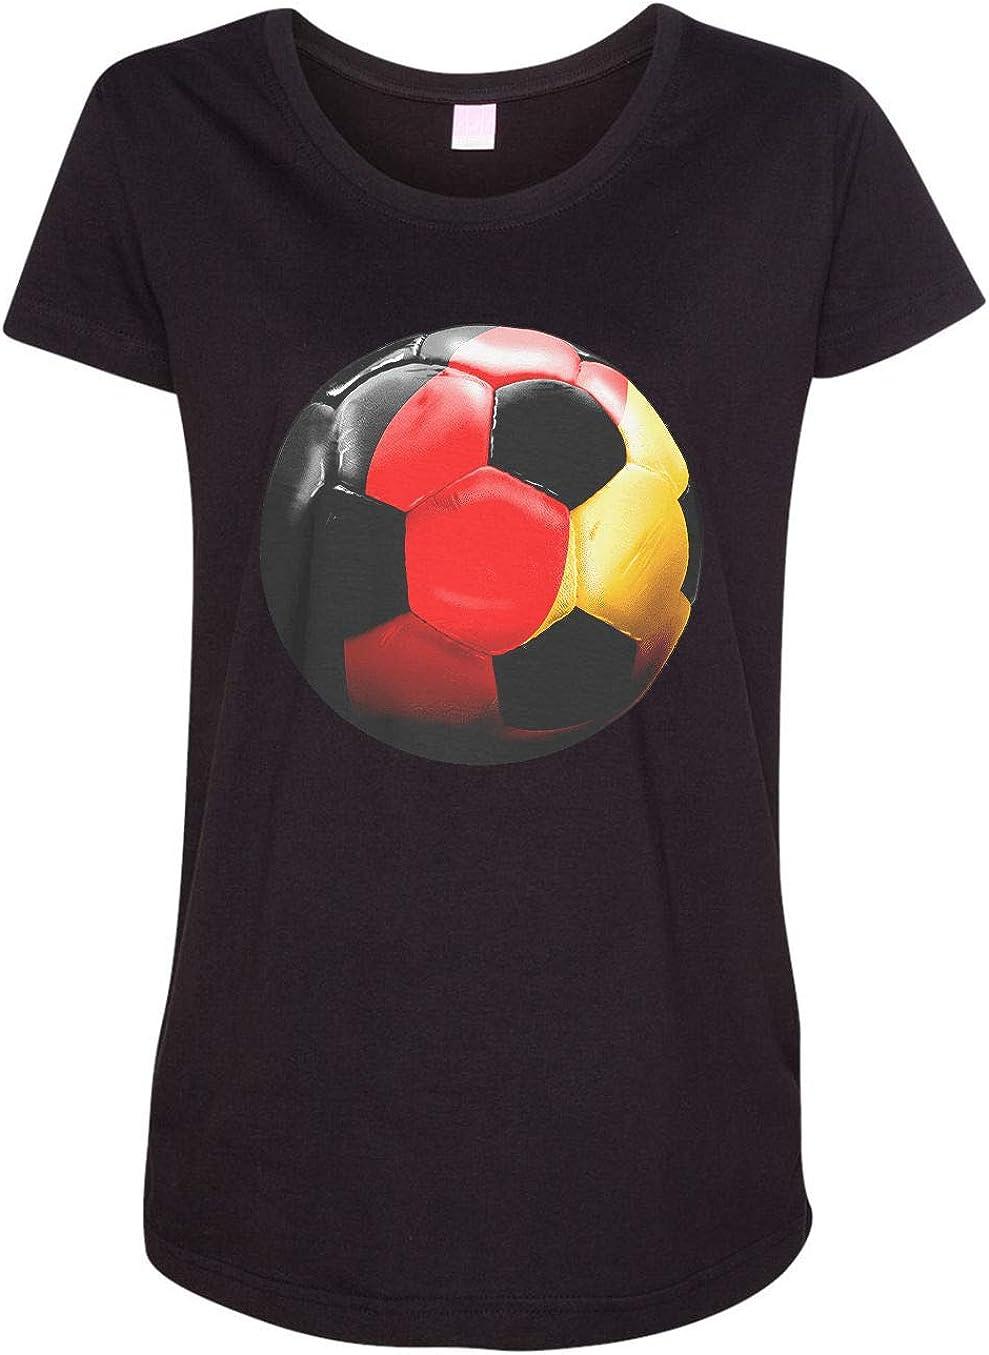 HARD EDGE DESIGN Women's Germany Soccer T-Shirt